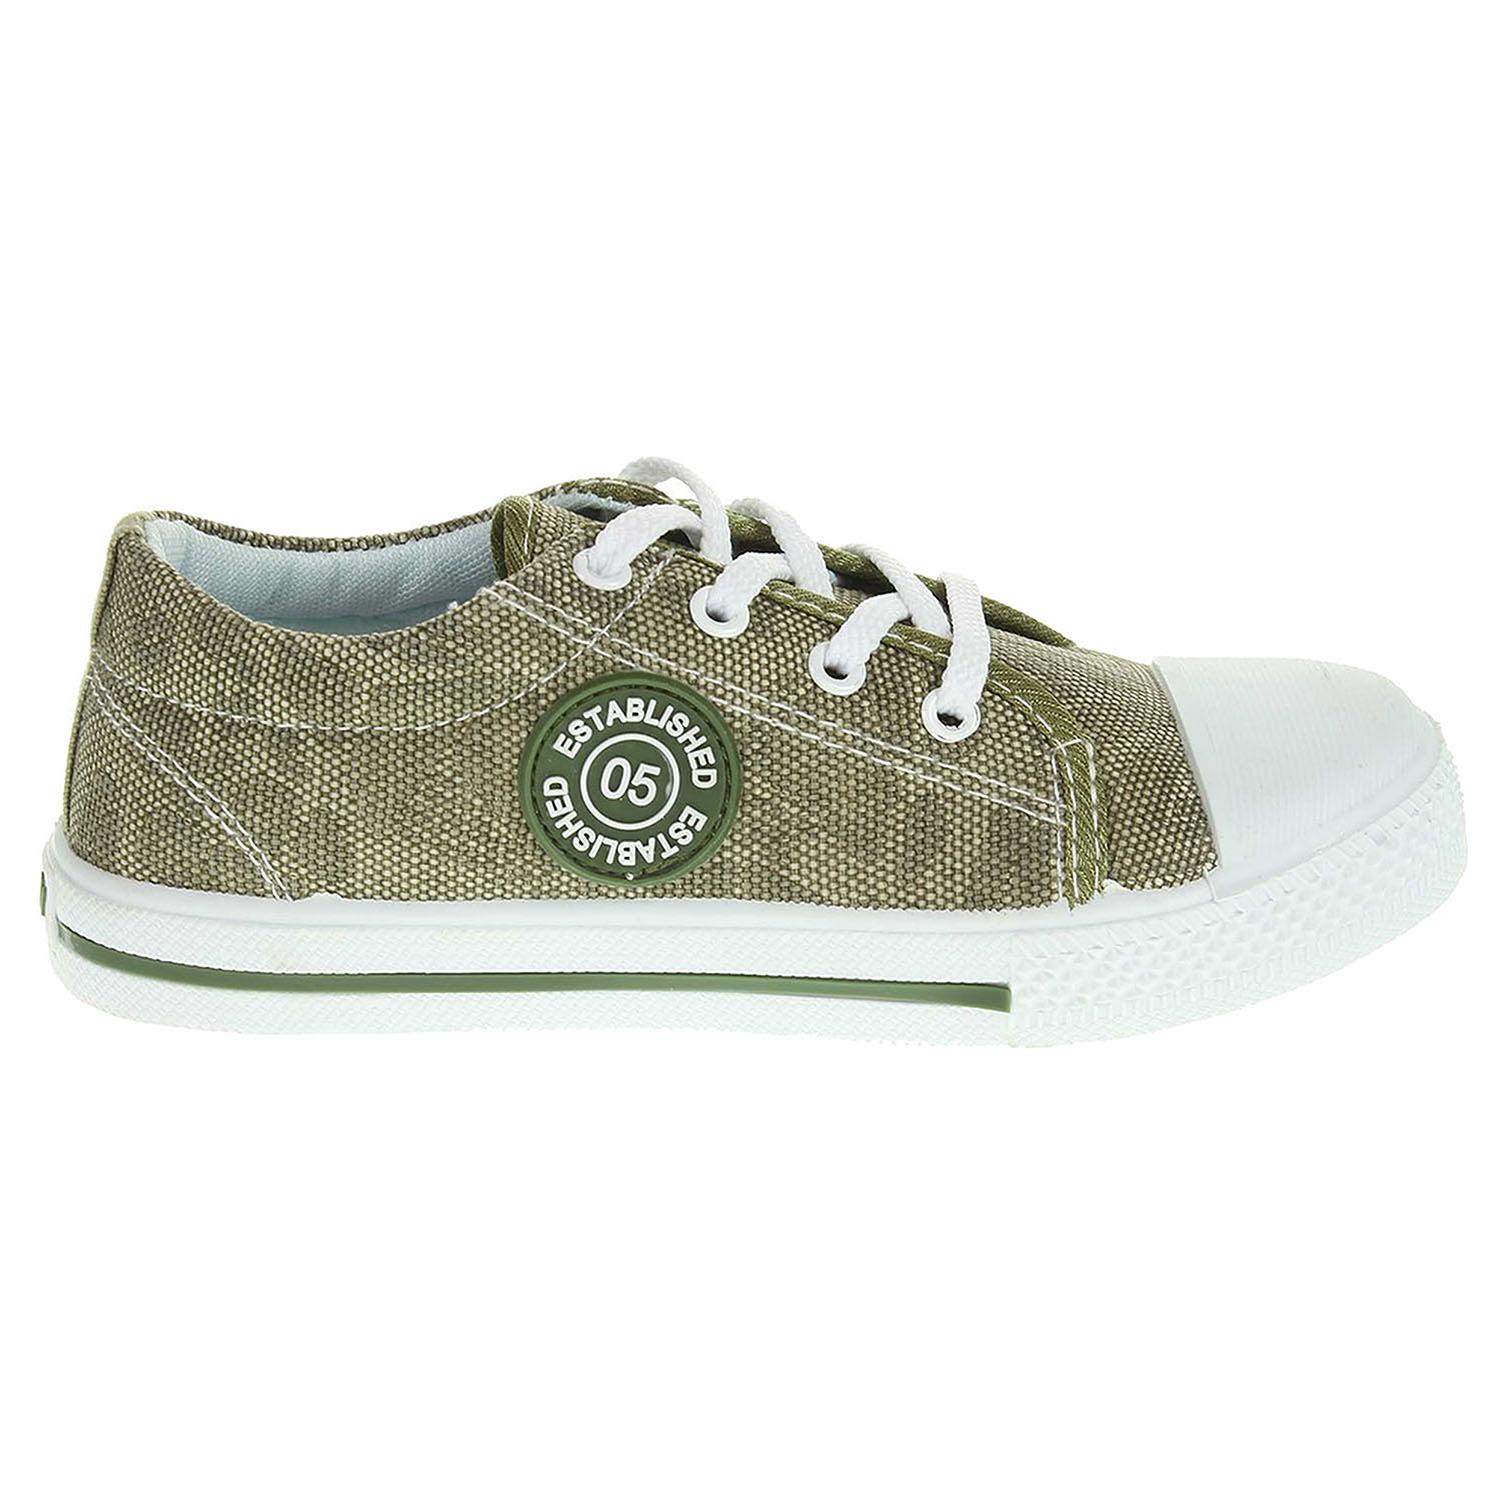 Ecco Peddy chlapecká obuv PU-501-28-37 zelená 29700084